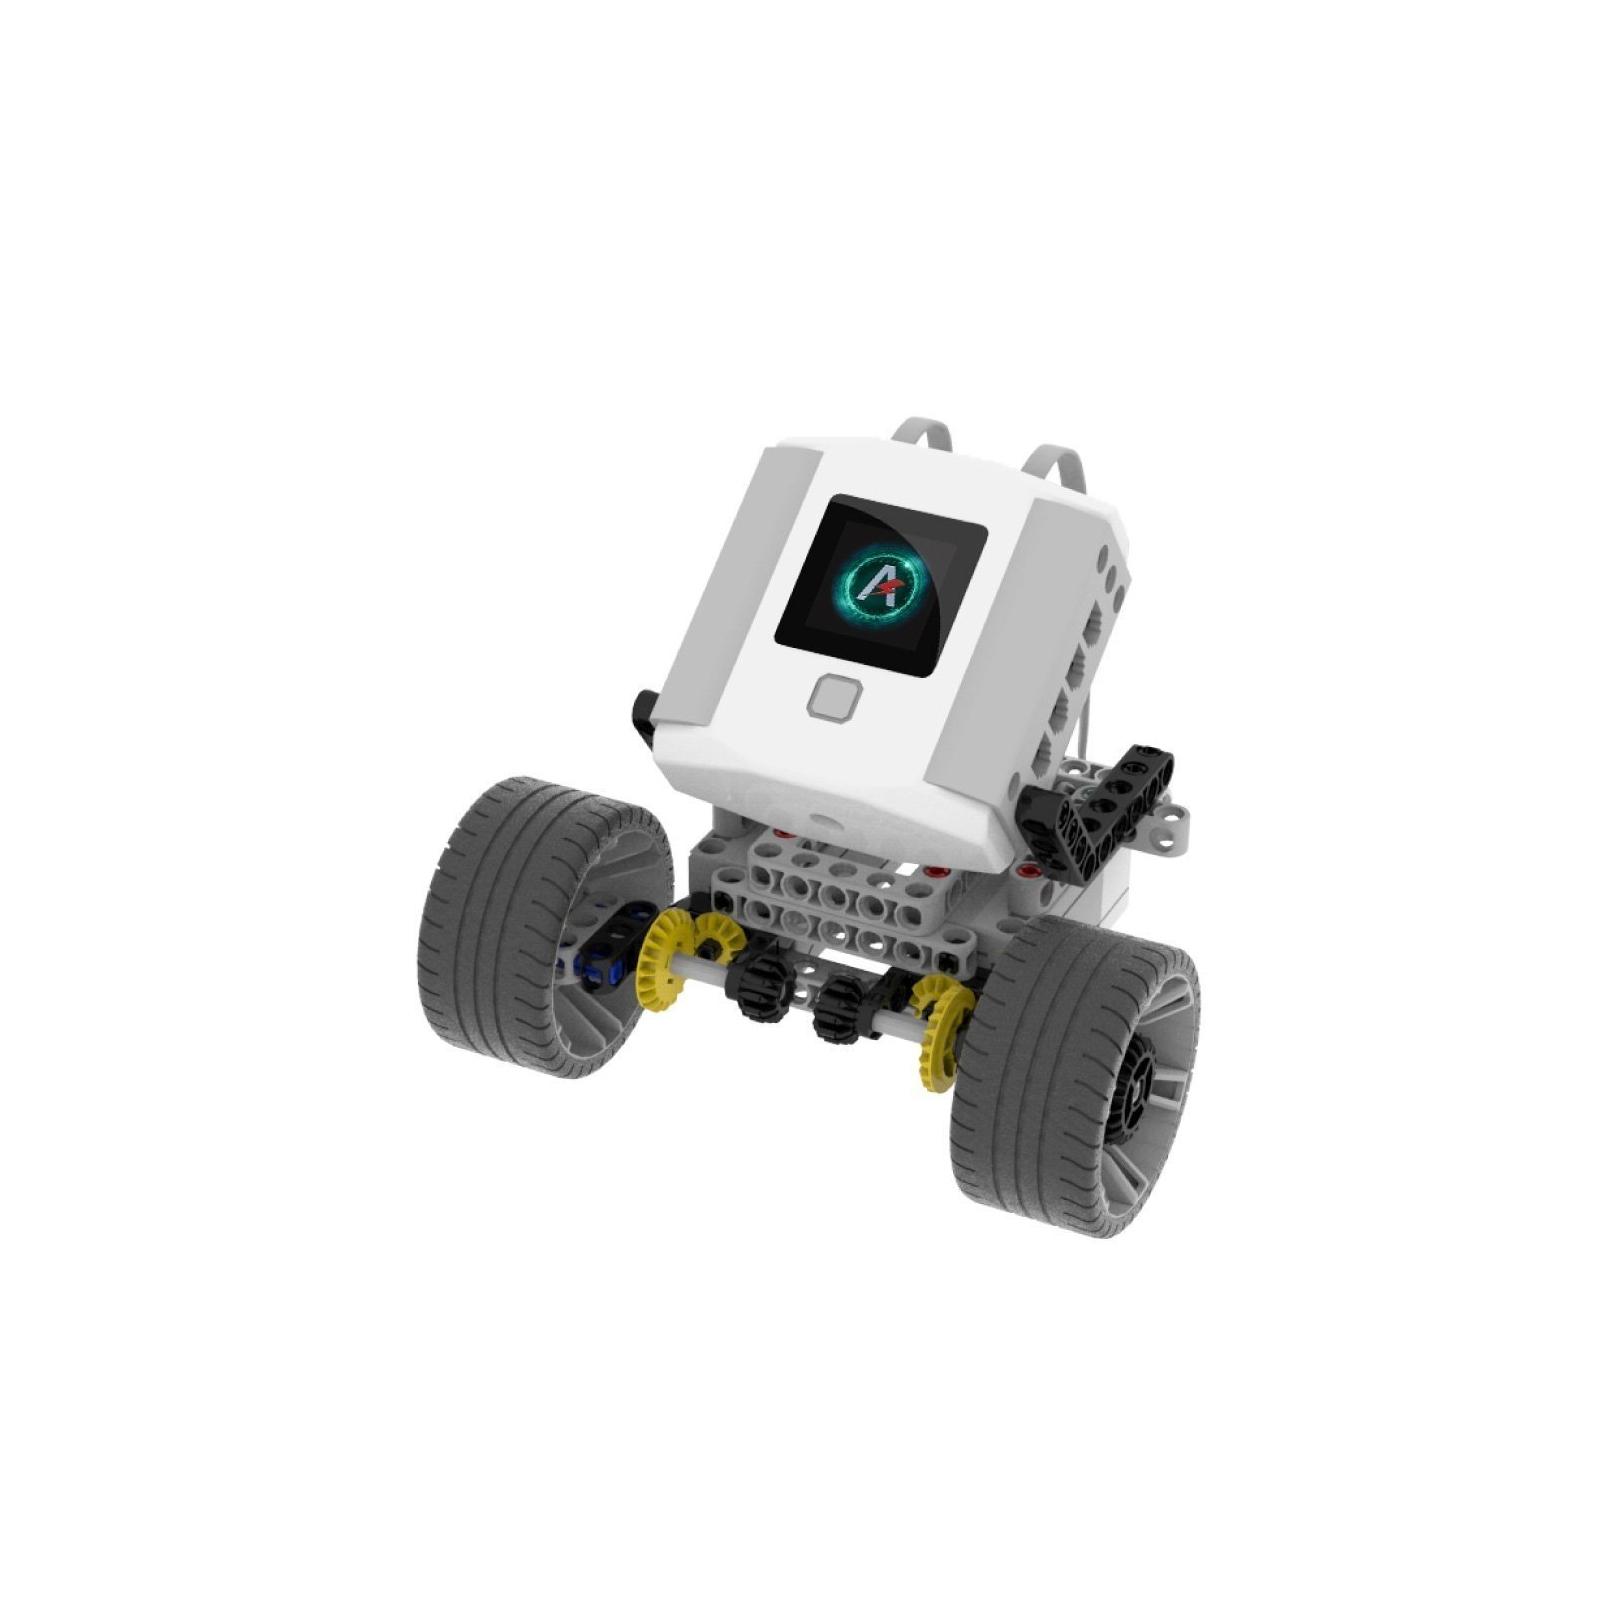 Робот Abilix Krypton 1 (Krypton_1) изображение 6